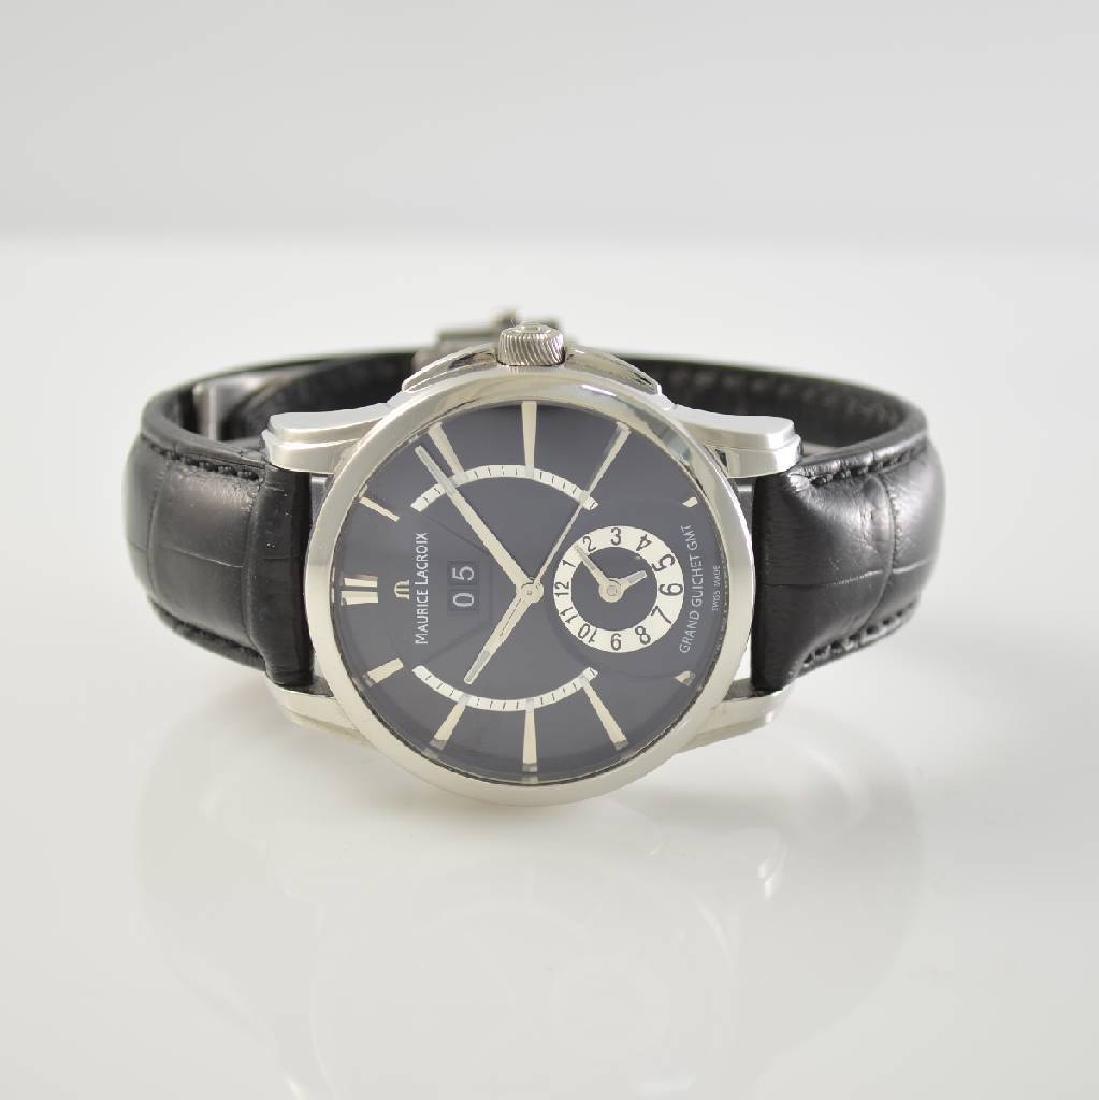 MAURICE LACROIX gents wristwatch model Grand Guichet